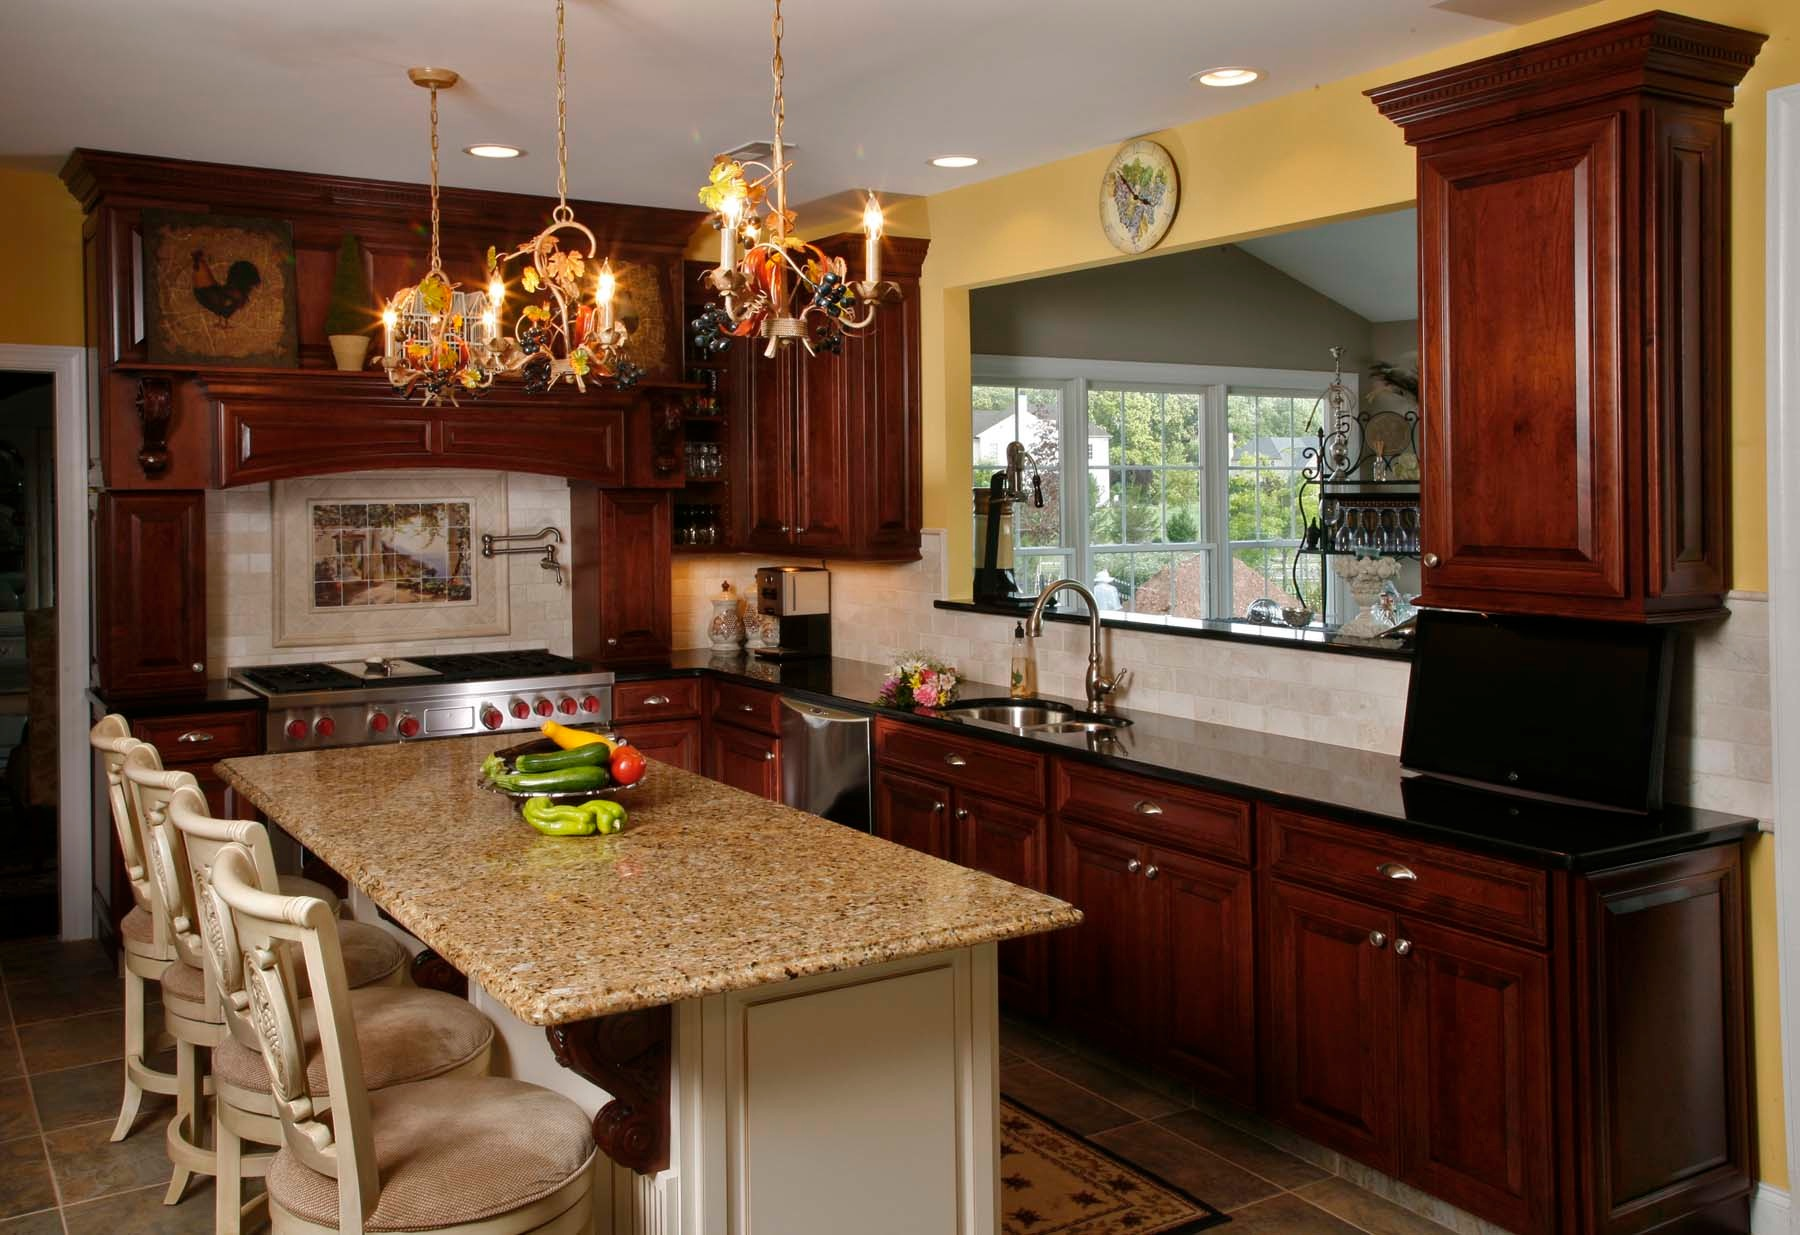 types of kitchen lighting. Black Bedroom Furniture Sets. Home Design Ideas